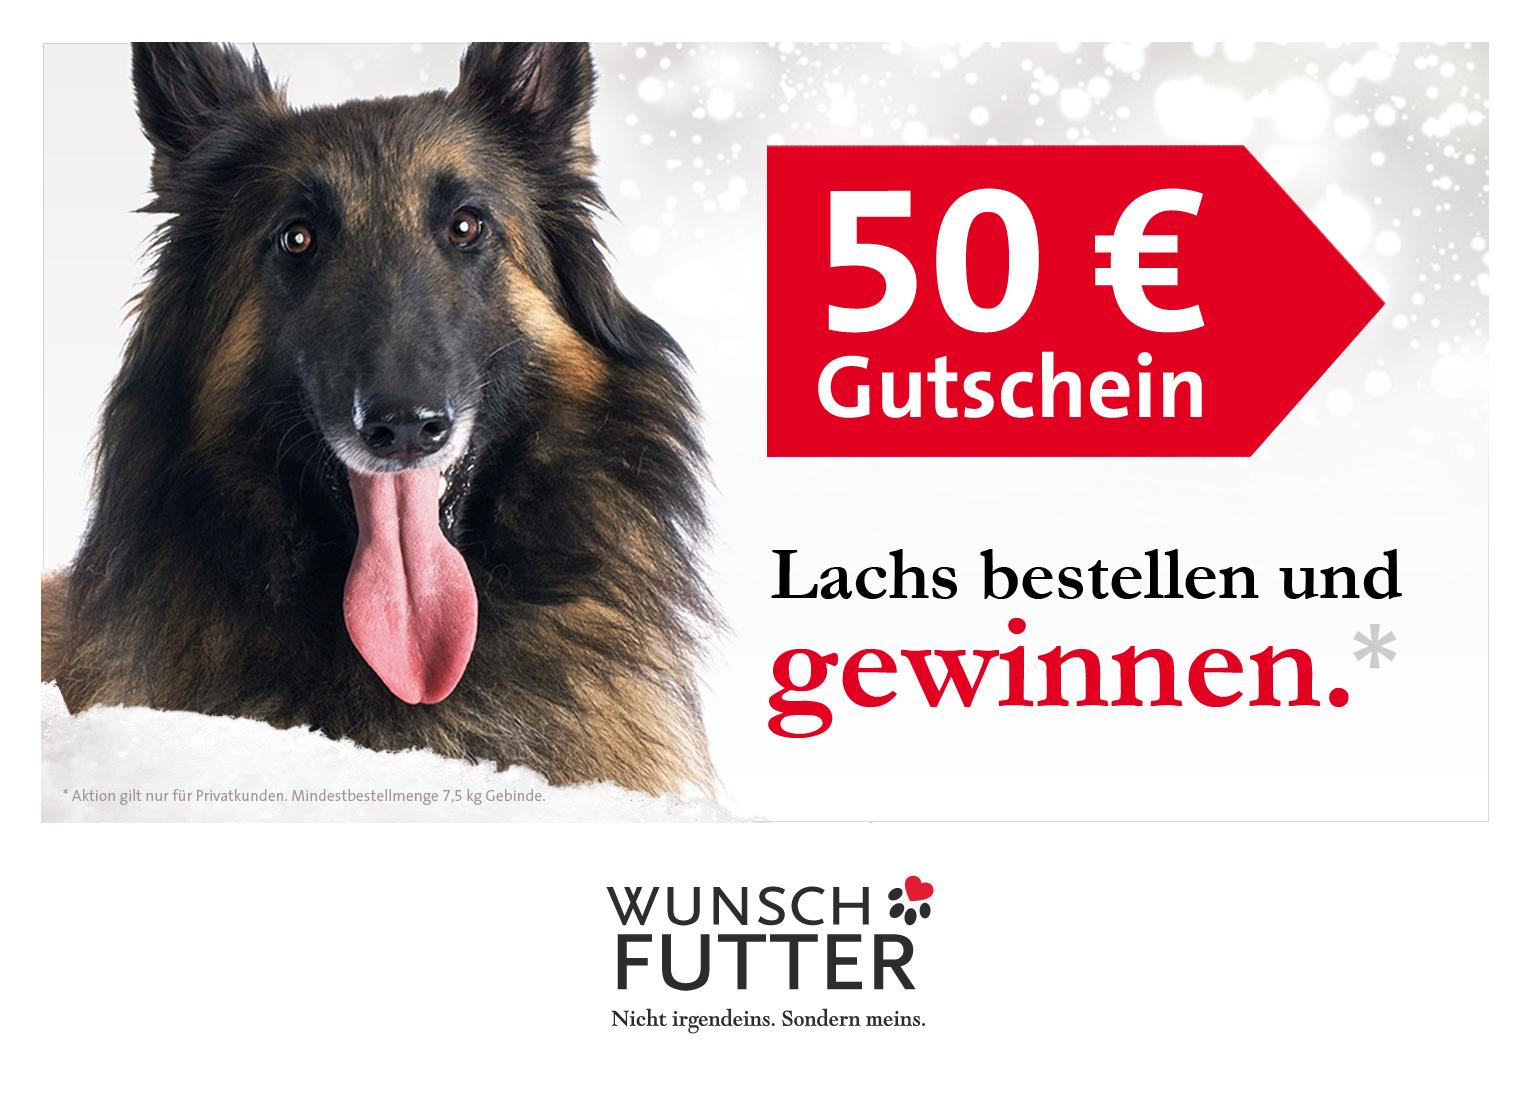 wf-fb_visual_50€-gutschein-verlosung-lachs_02-122015_RZ